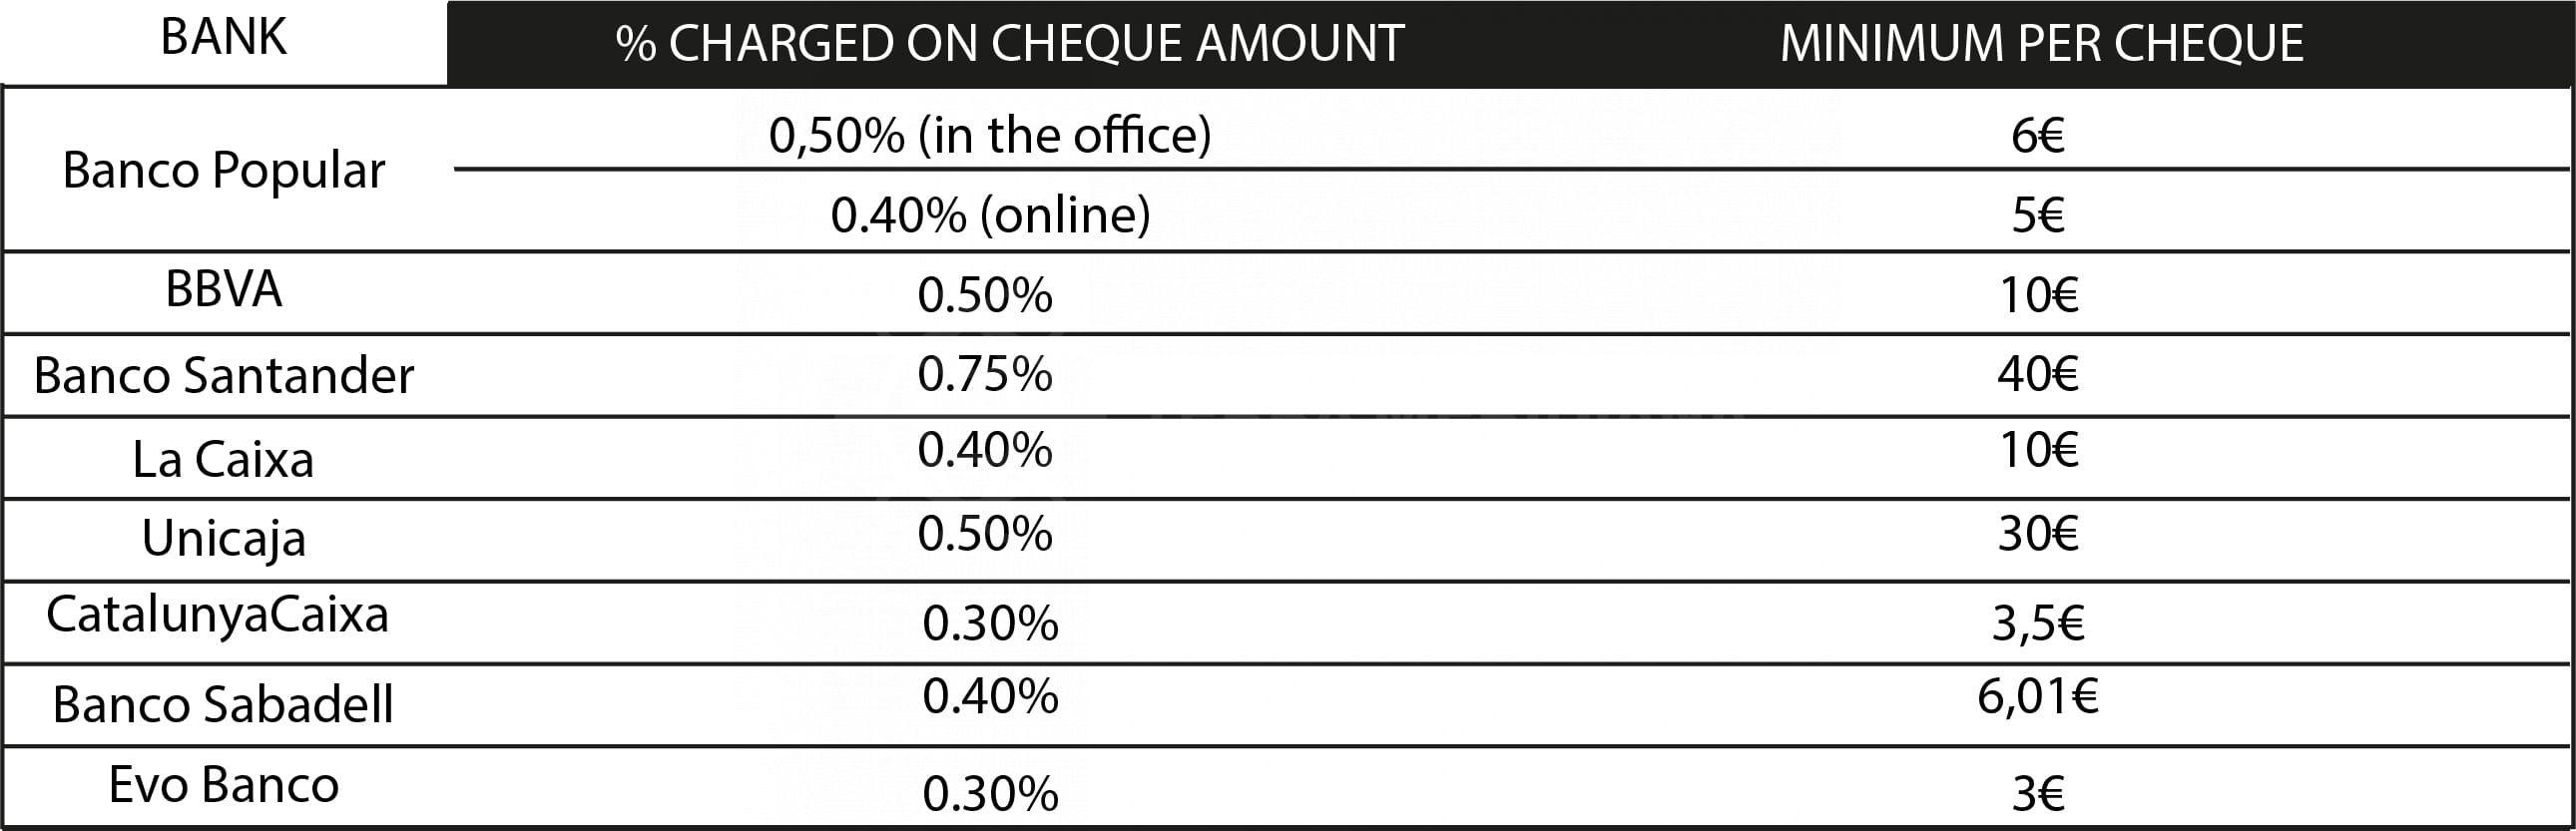 Las altas comisiones de los cheques bancarios